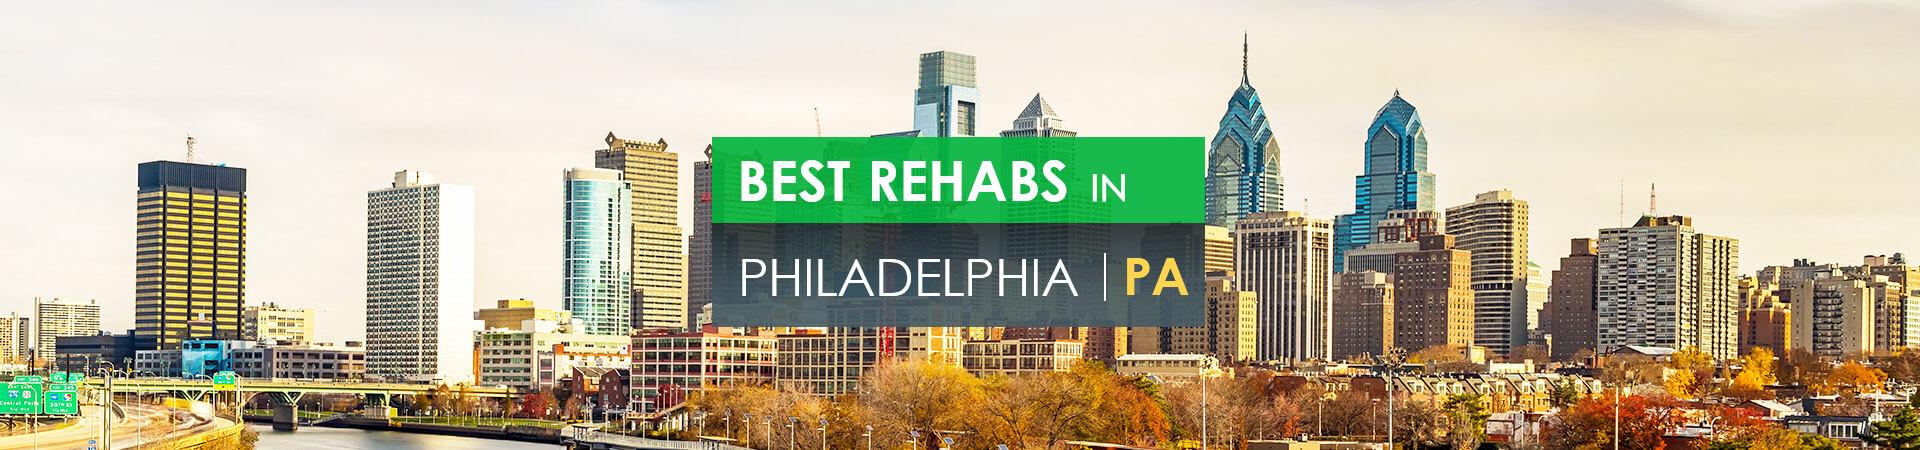 Best rehabs in Philadelphia, PA